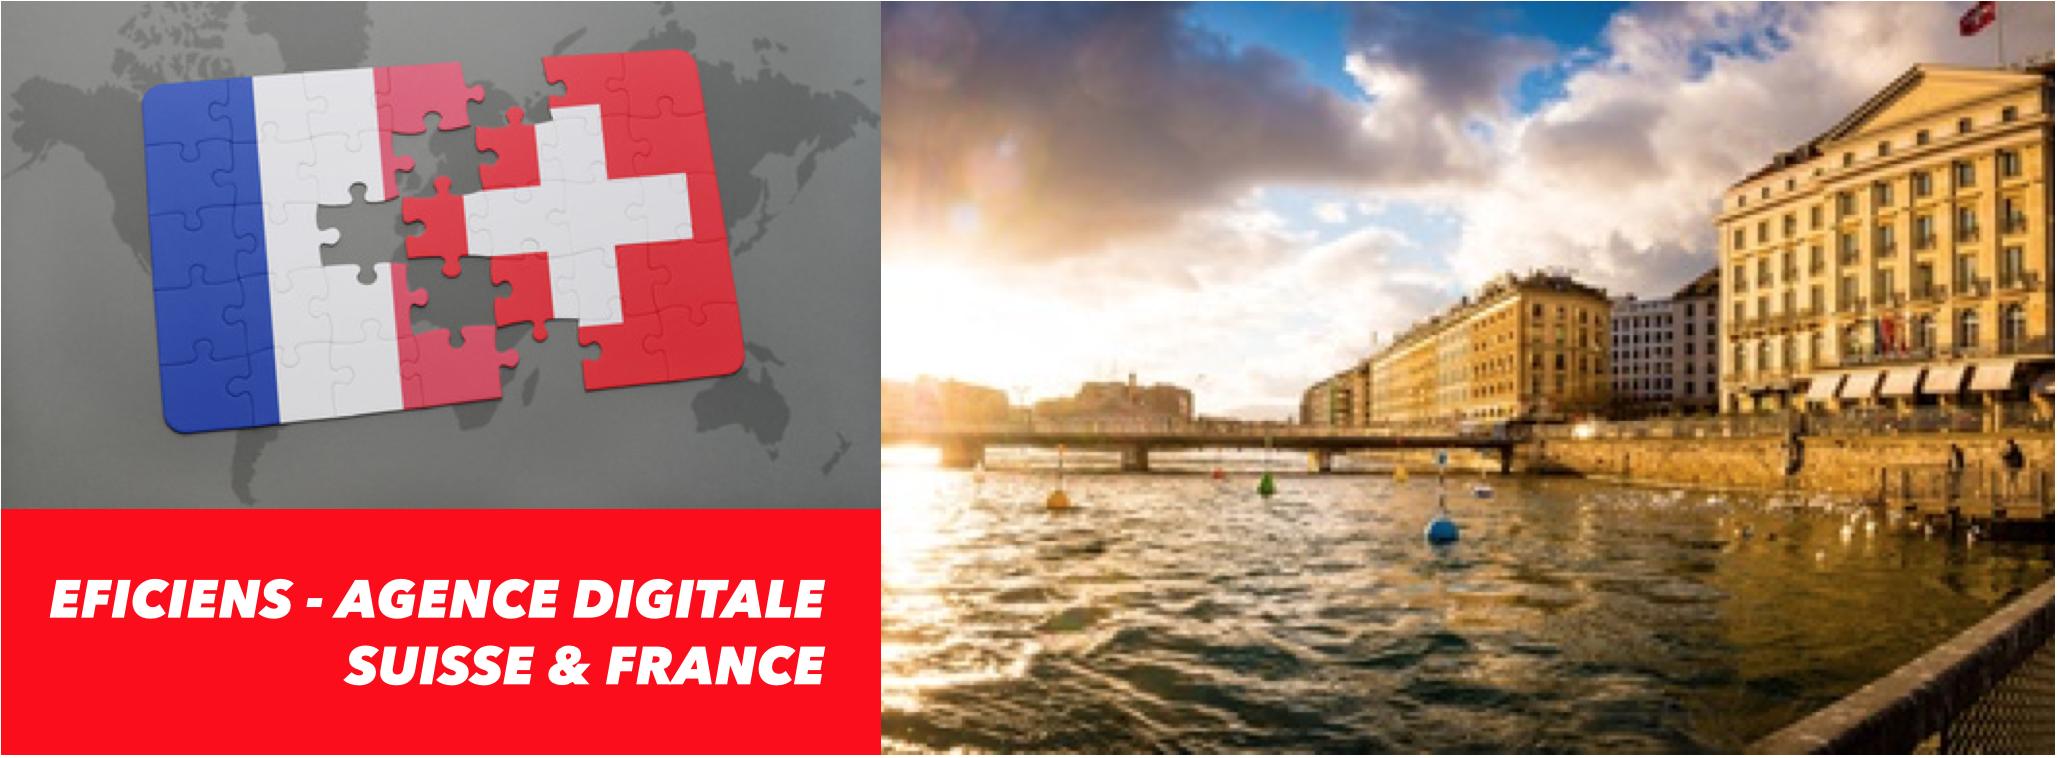 agence digitale genève web suisse france